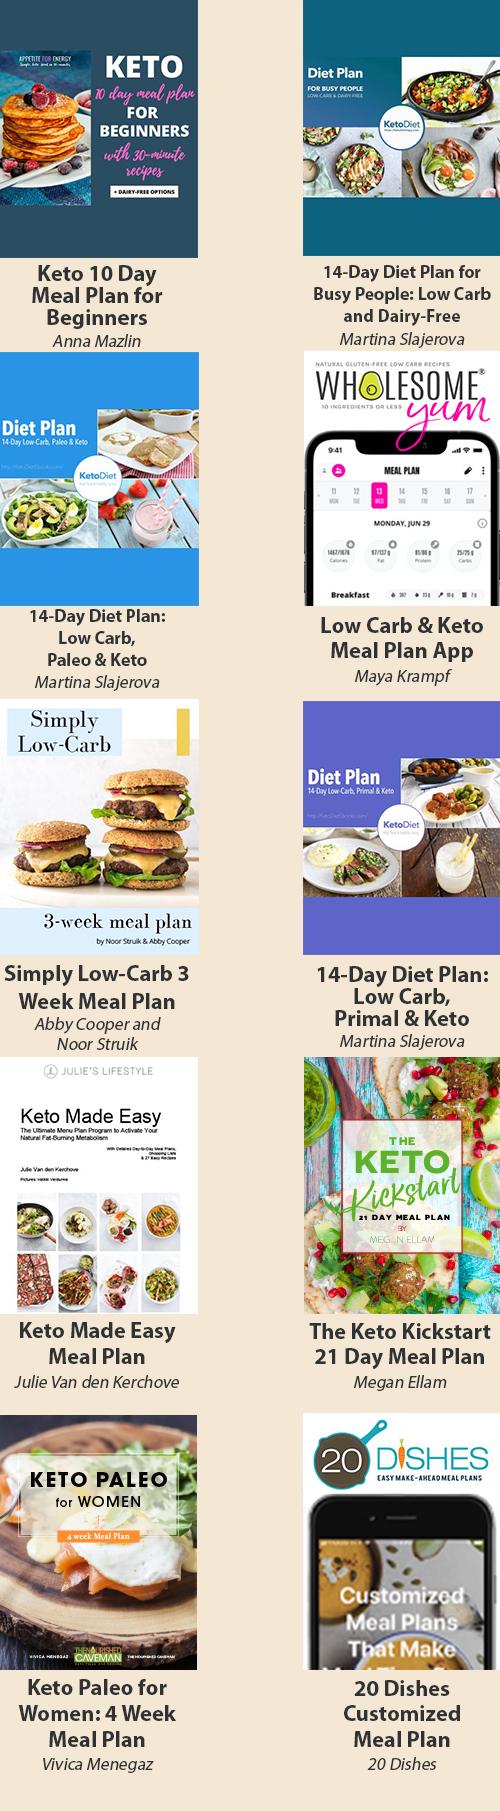 23 Weeks of Keto Meal Plans